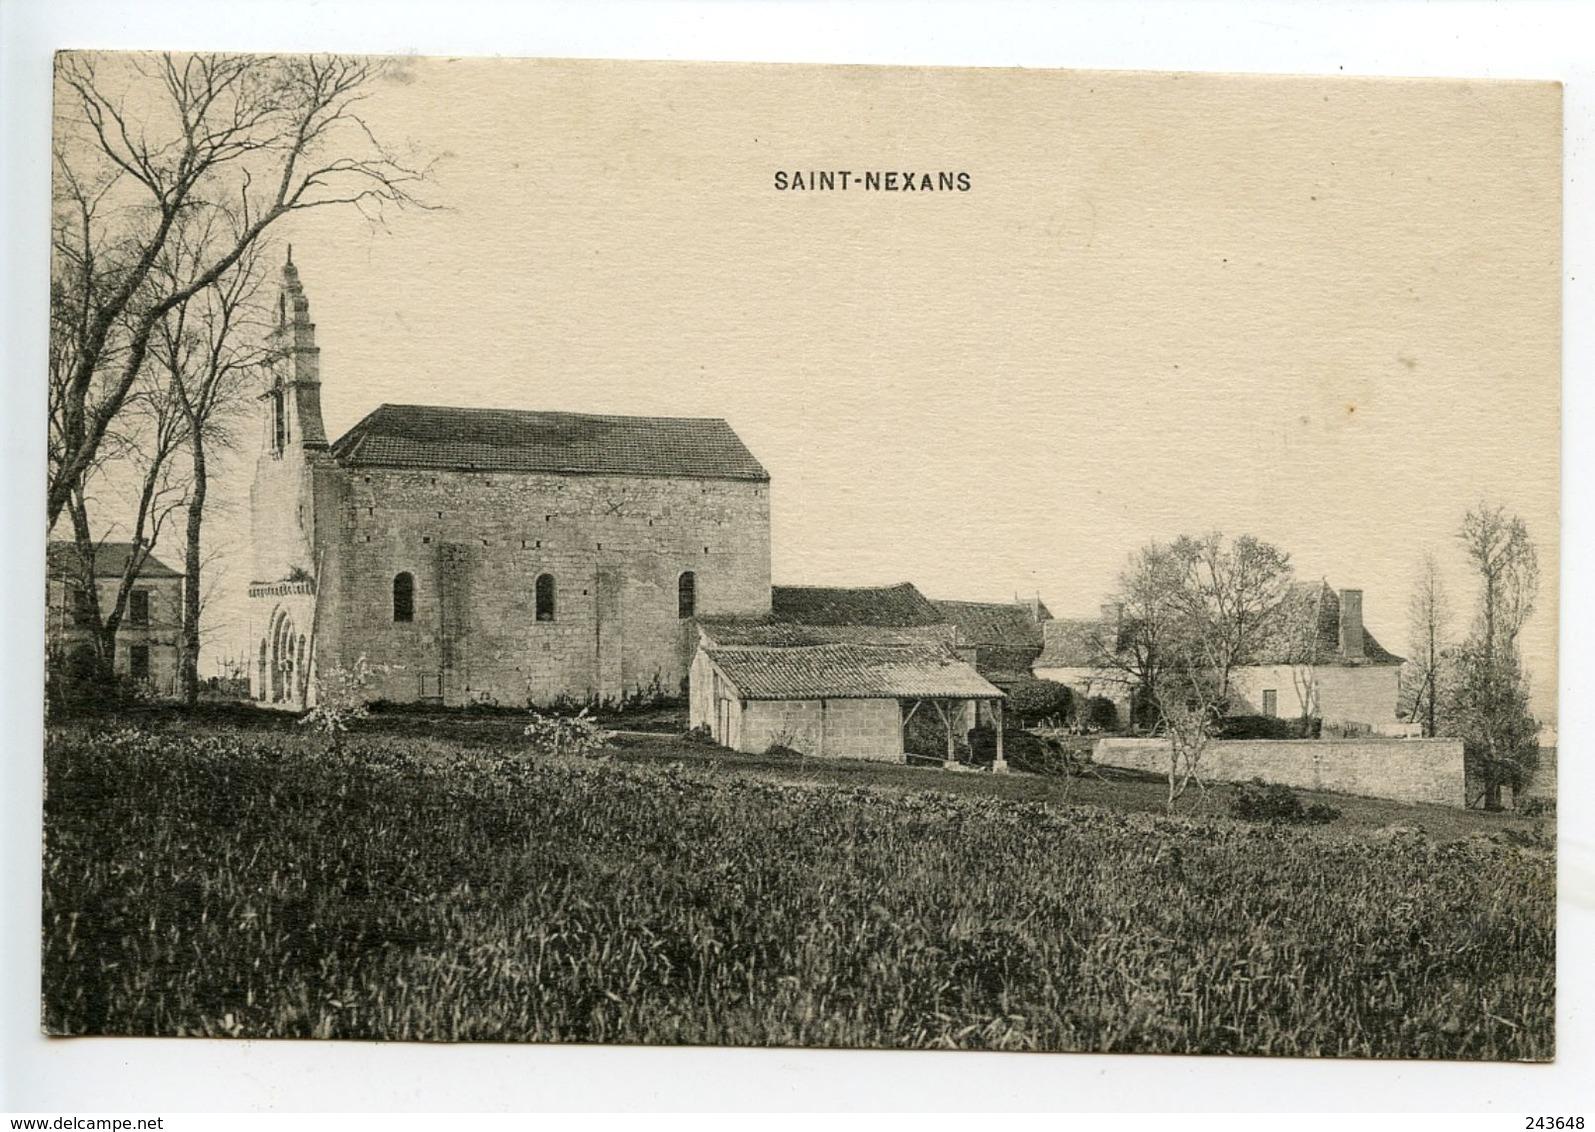 Saint Nexans - France